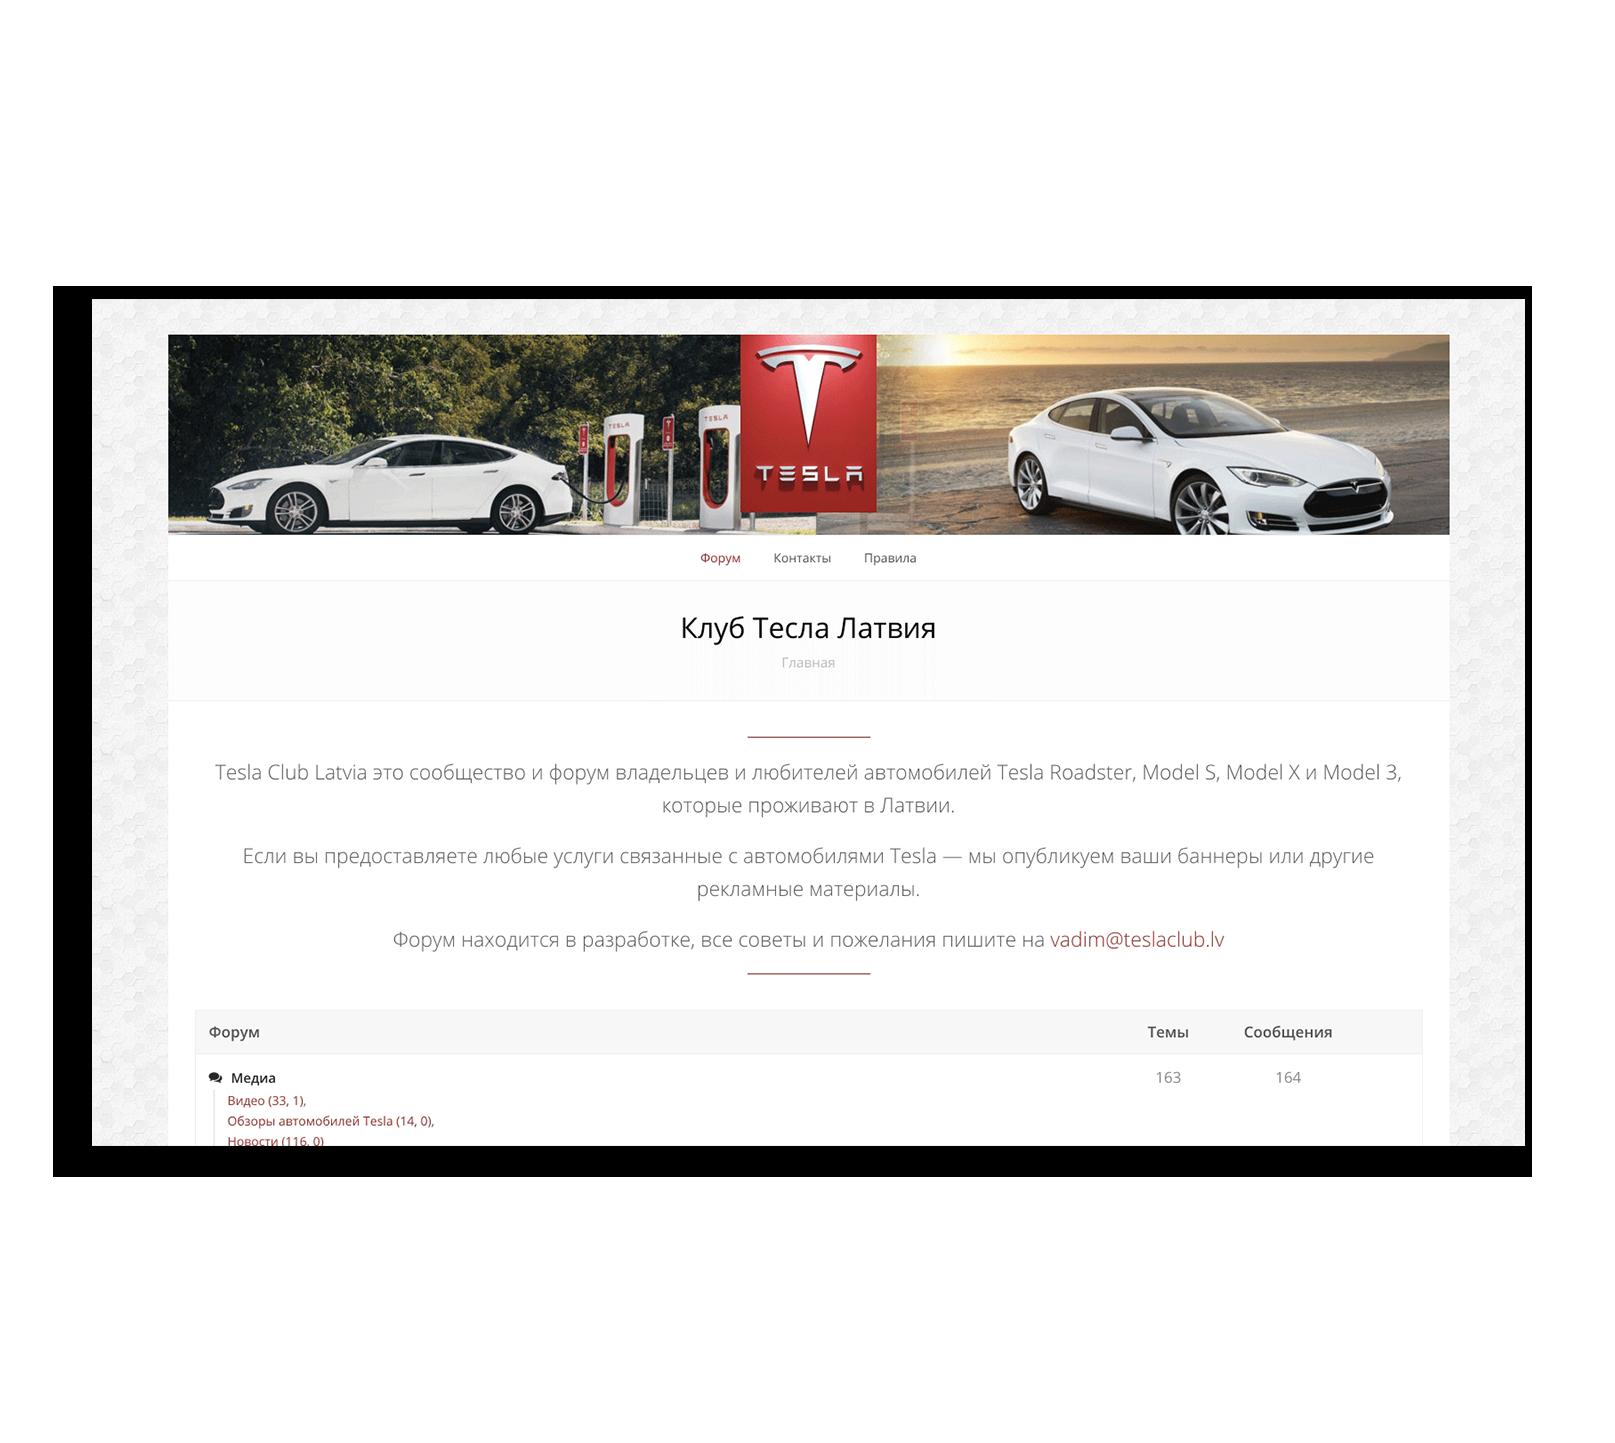 Создание сайта и форума для поклонников автомобилей Tesla